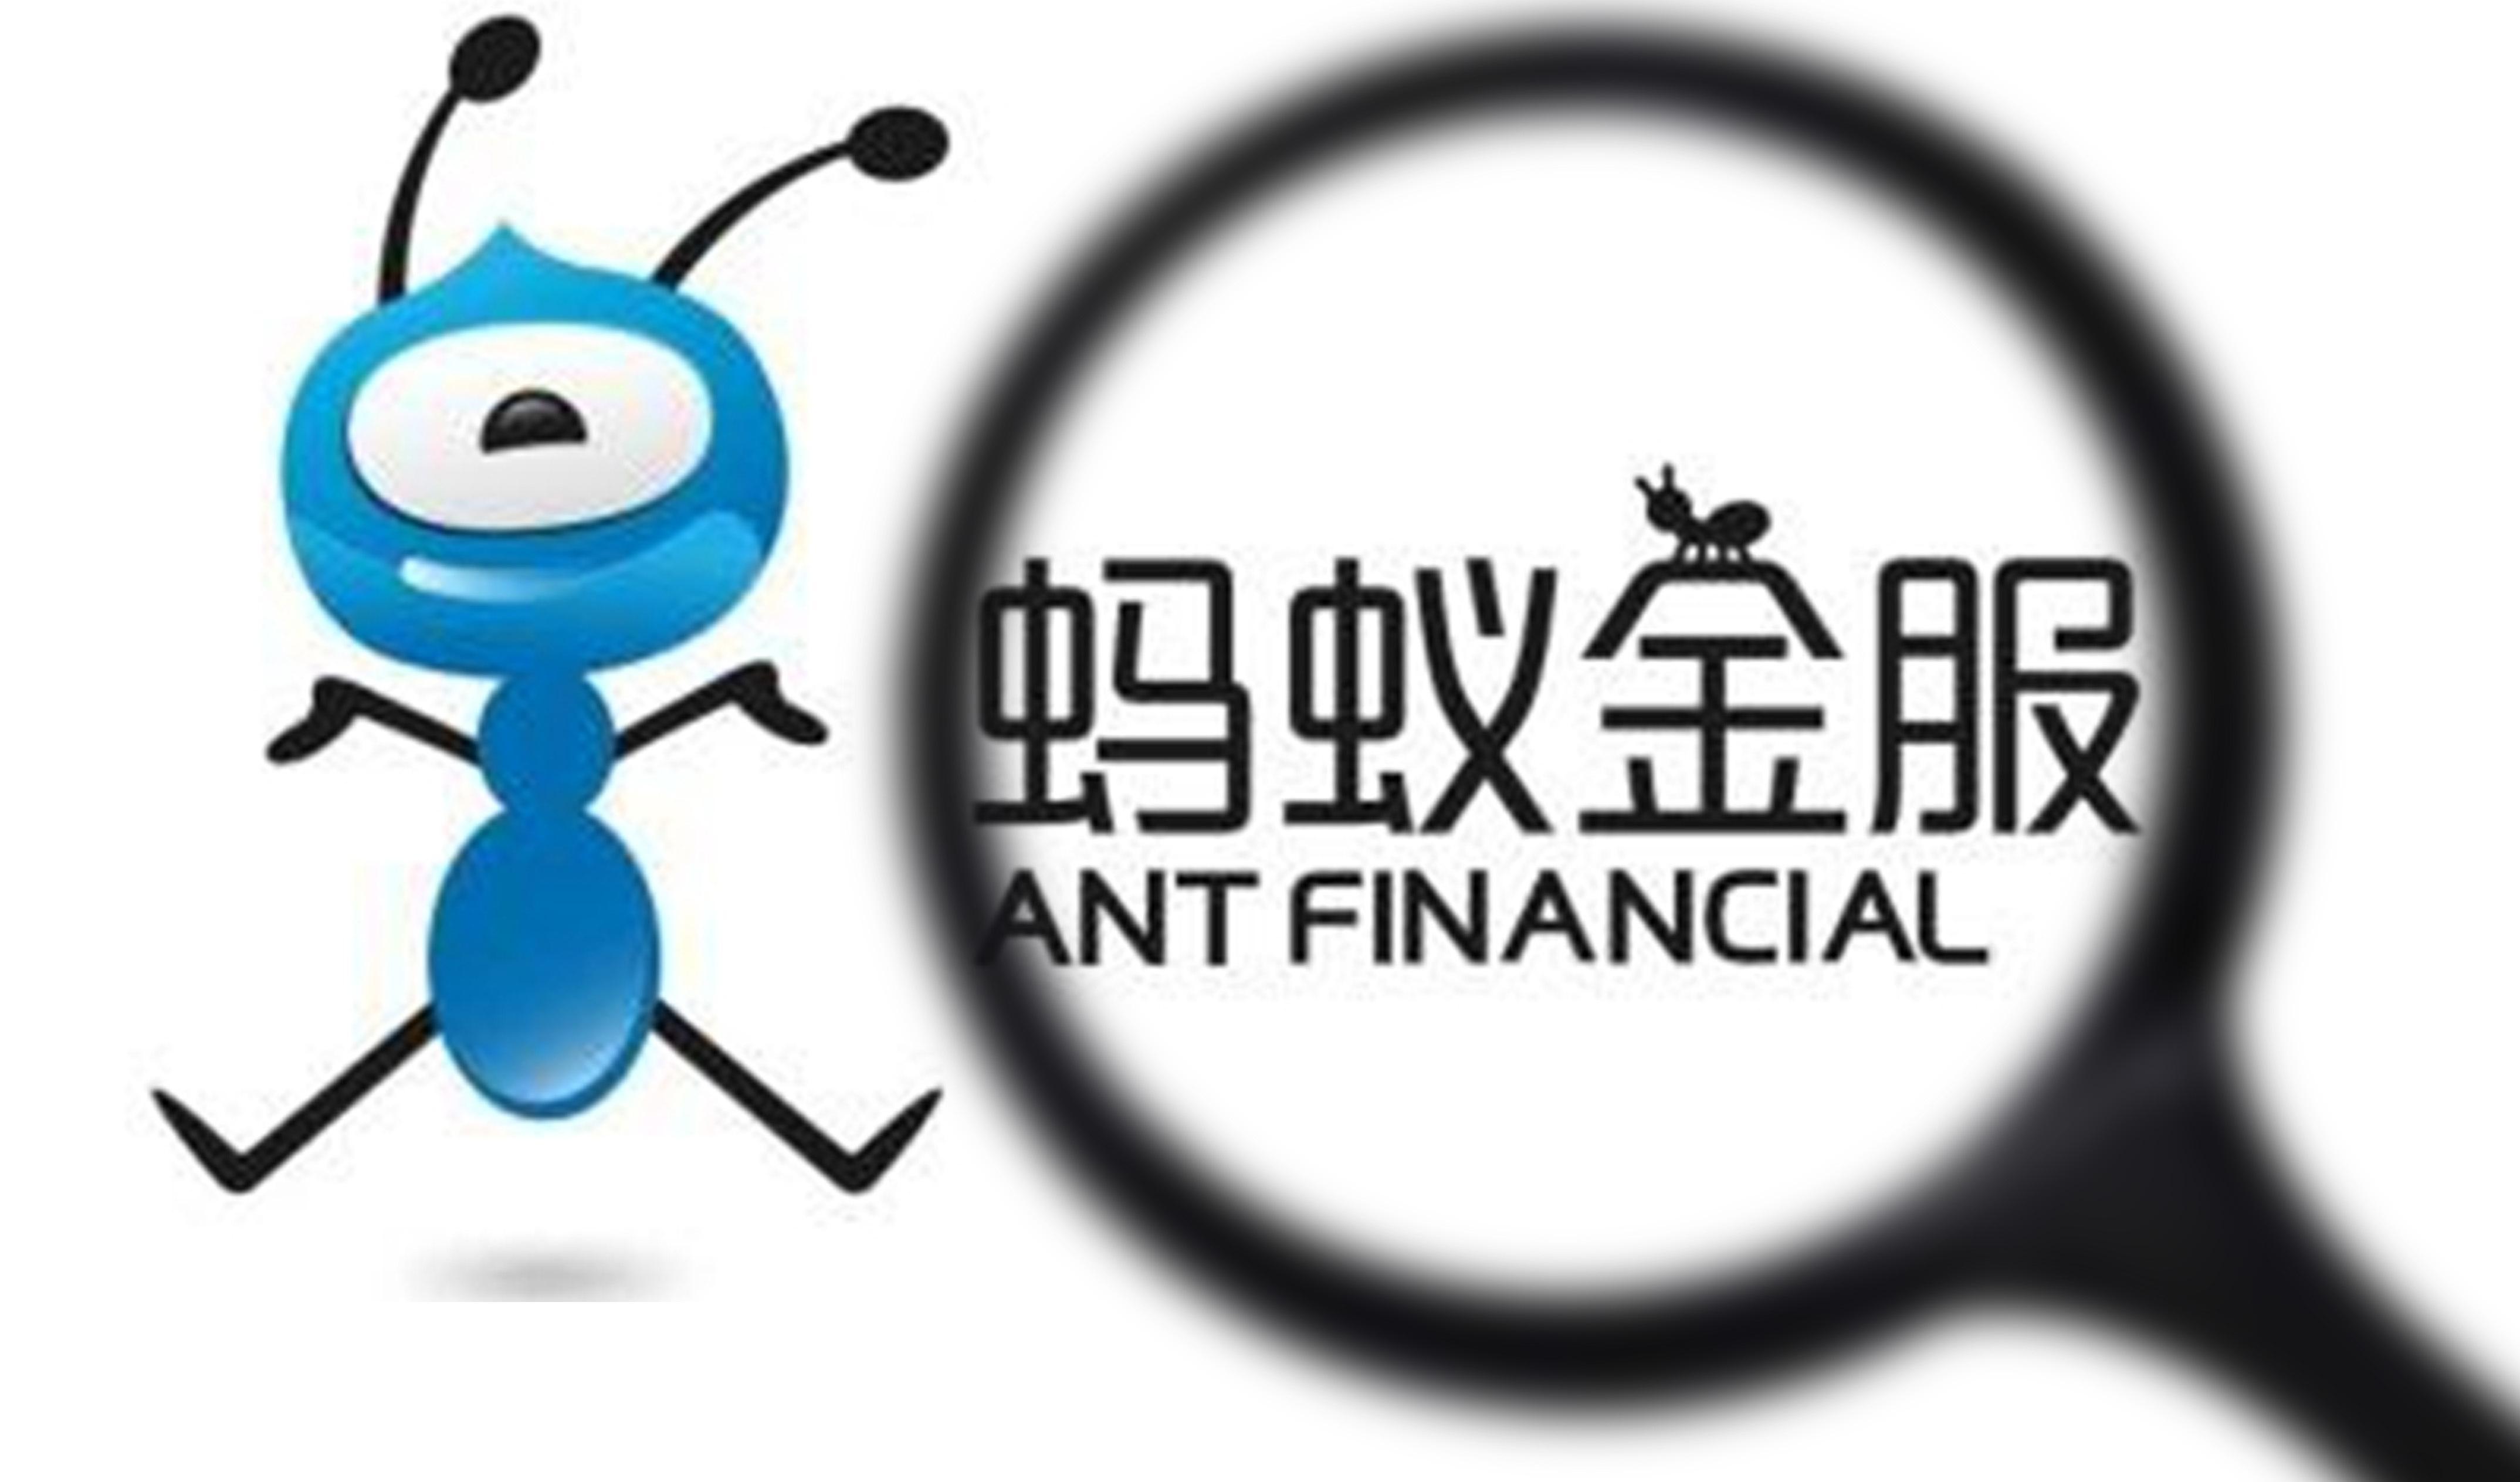 蚂蚁集团计划在科创板和港交所寻求同步发行上市